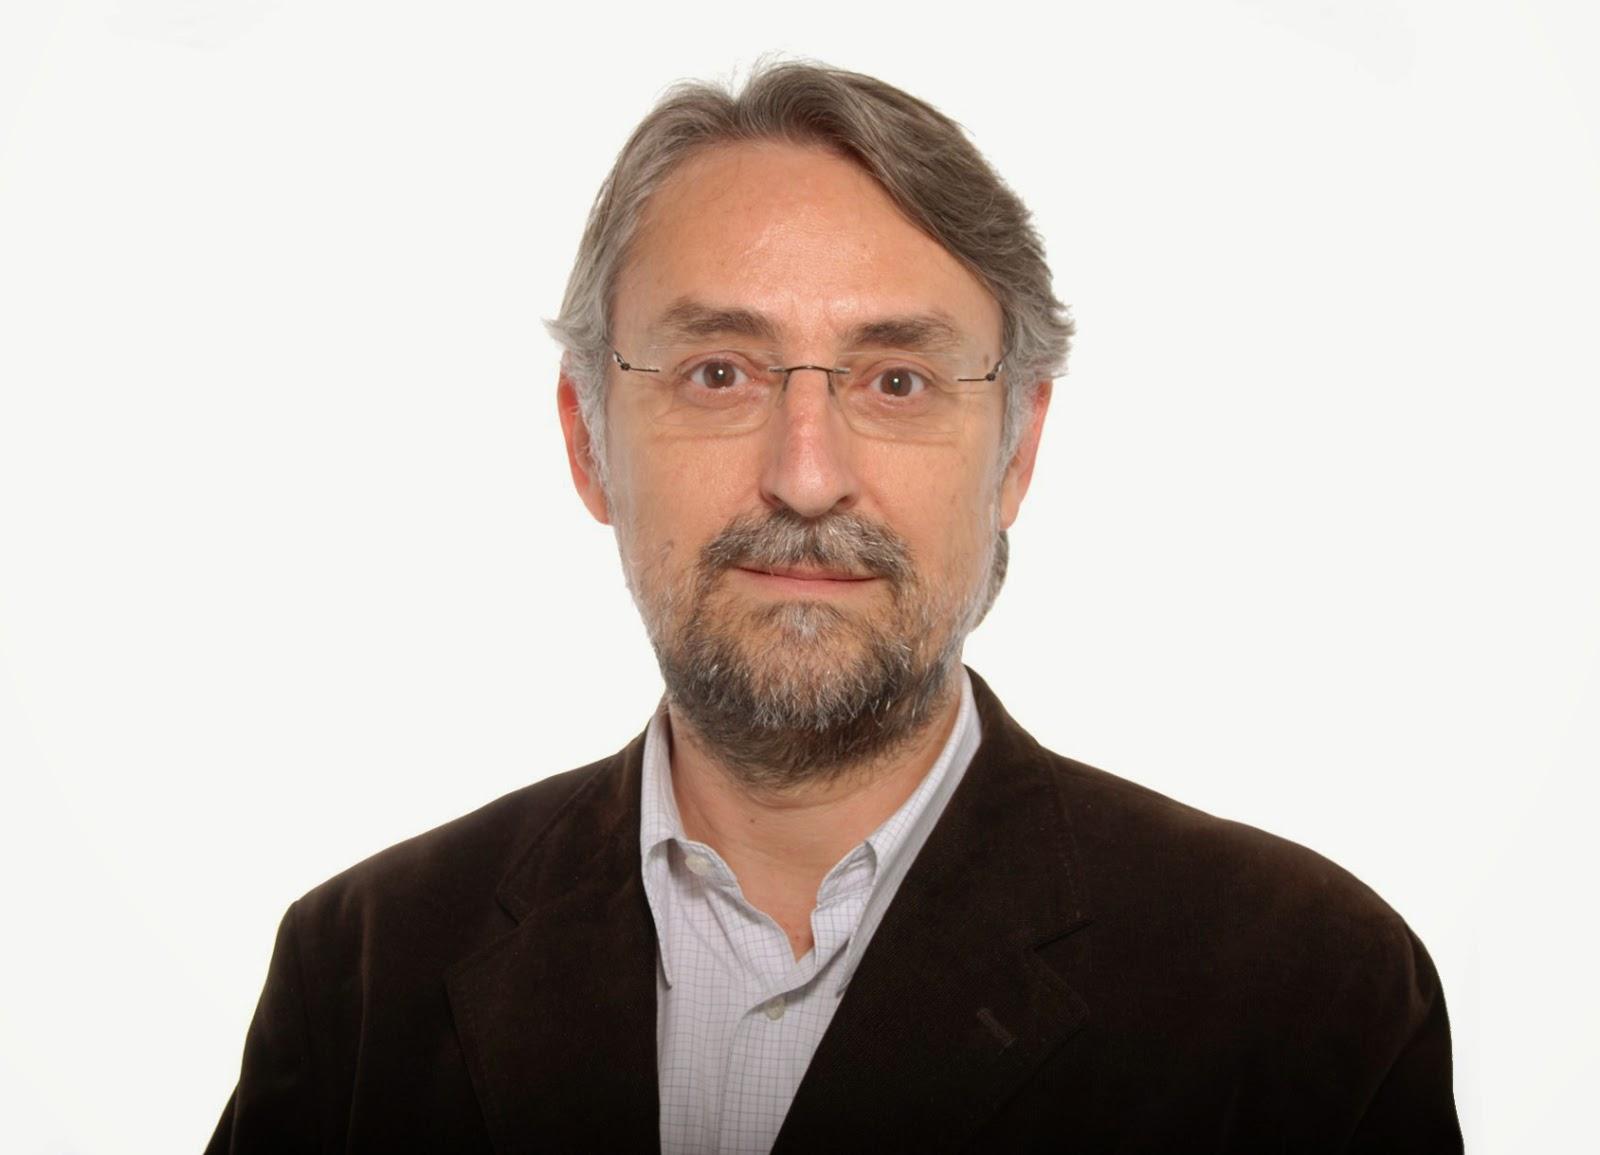 Director General de Asuntos Religiosos de la Generalidad de Cataluña aclara